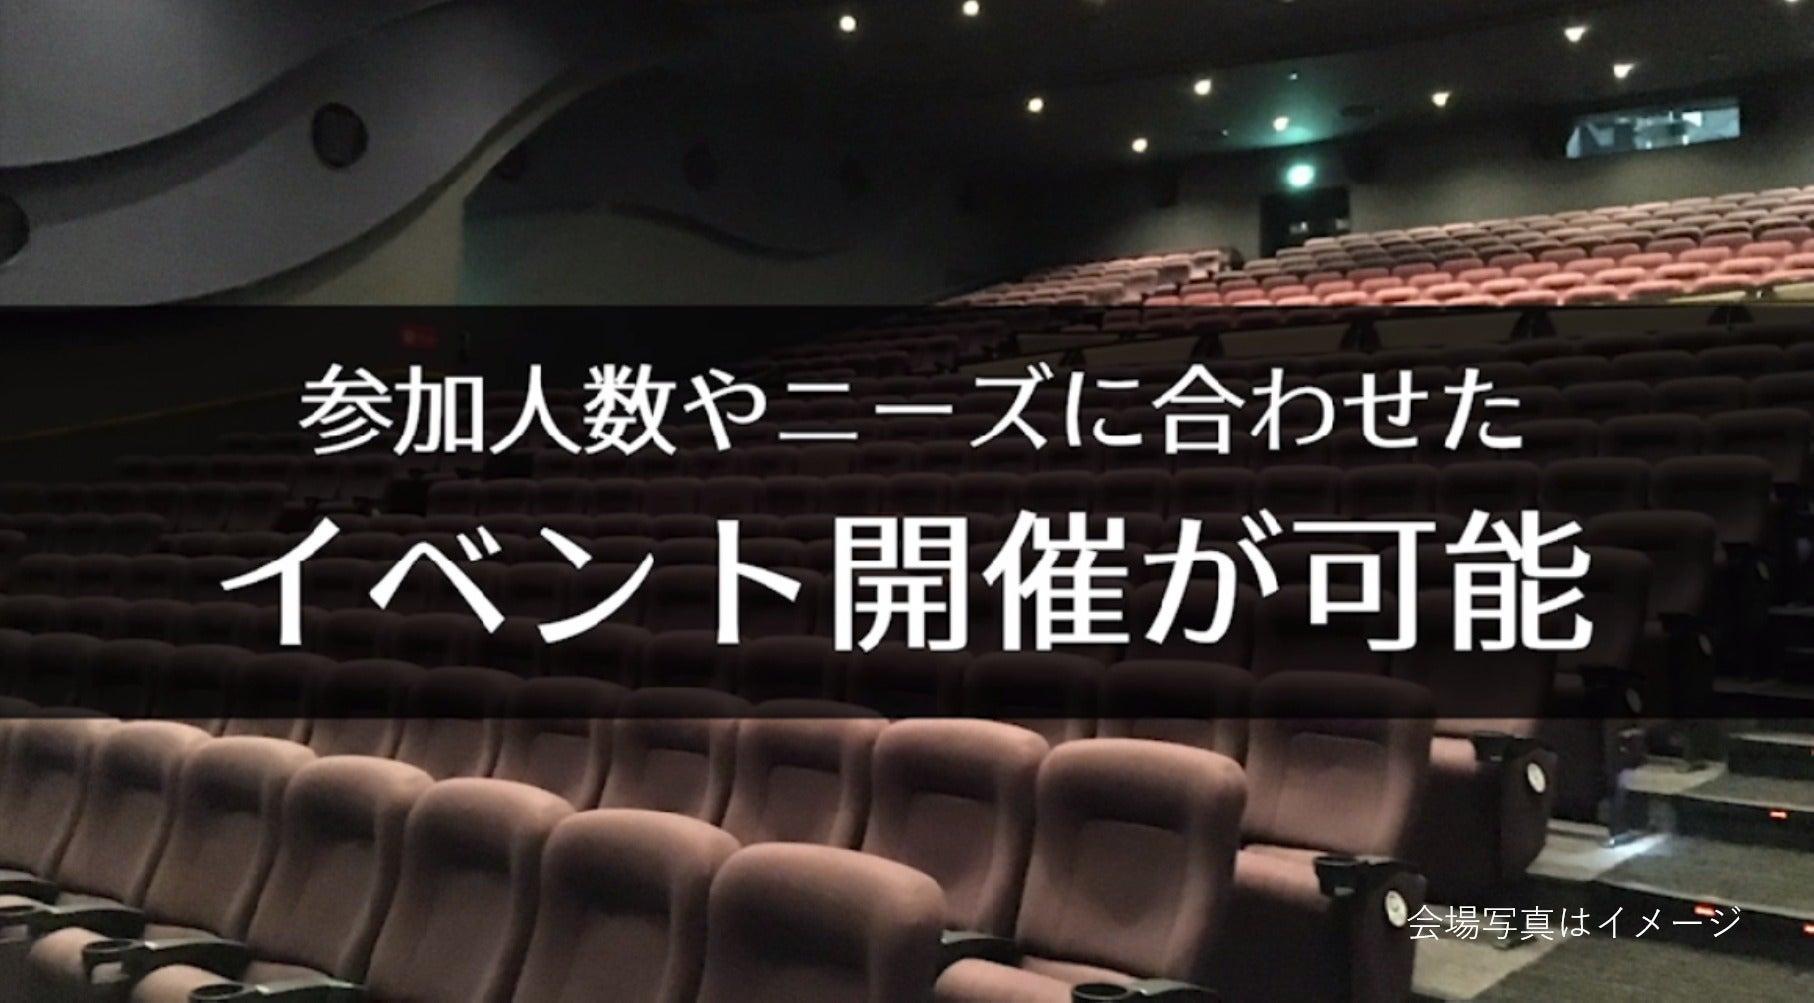 【幸手 125席】映画館で、会社説明会、株主総会、講演会の企画はいかがですか?(シネプレックス幸手) の写真0